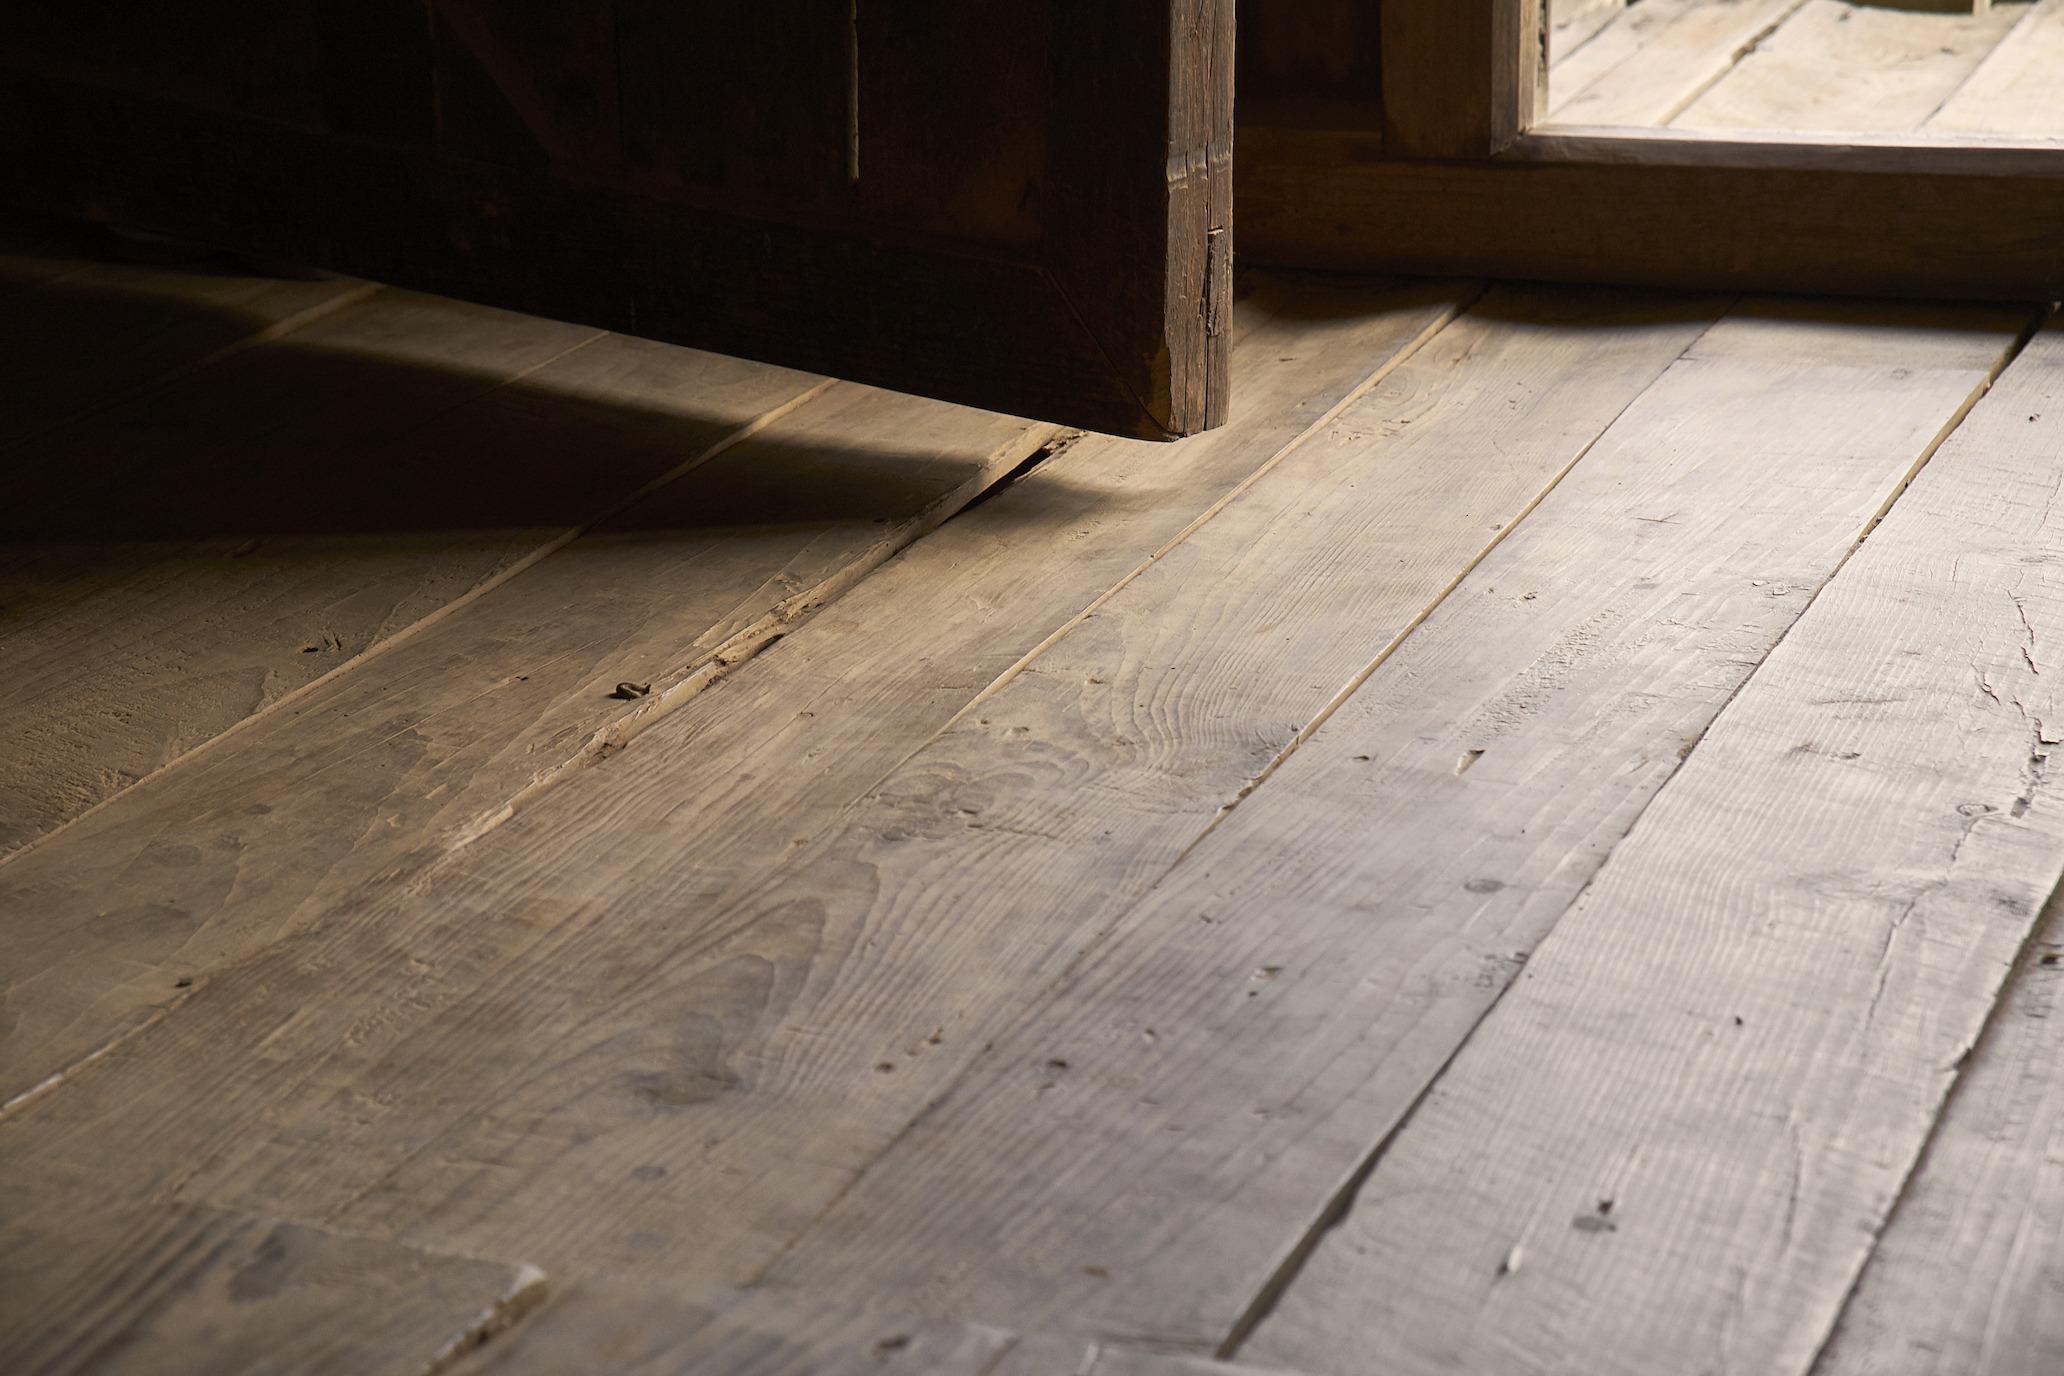 Uneven crooked floor with open door